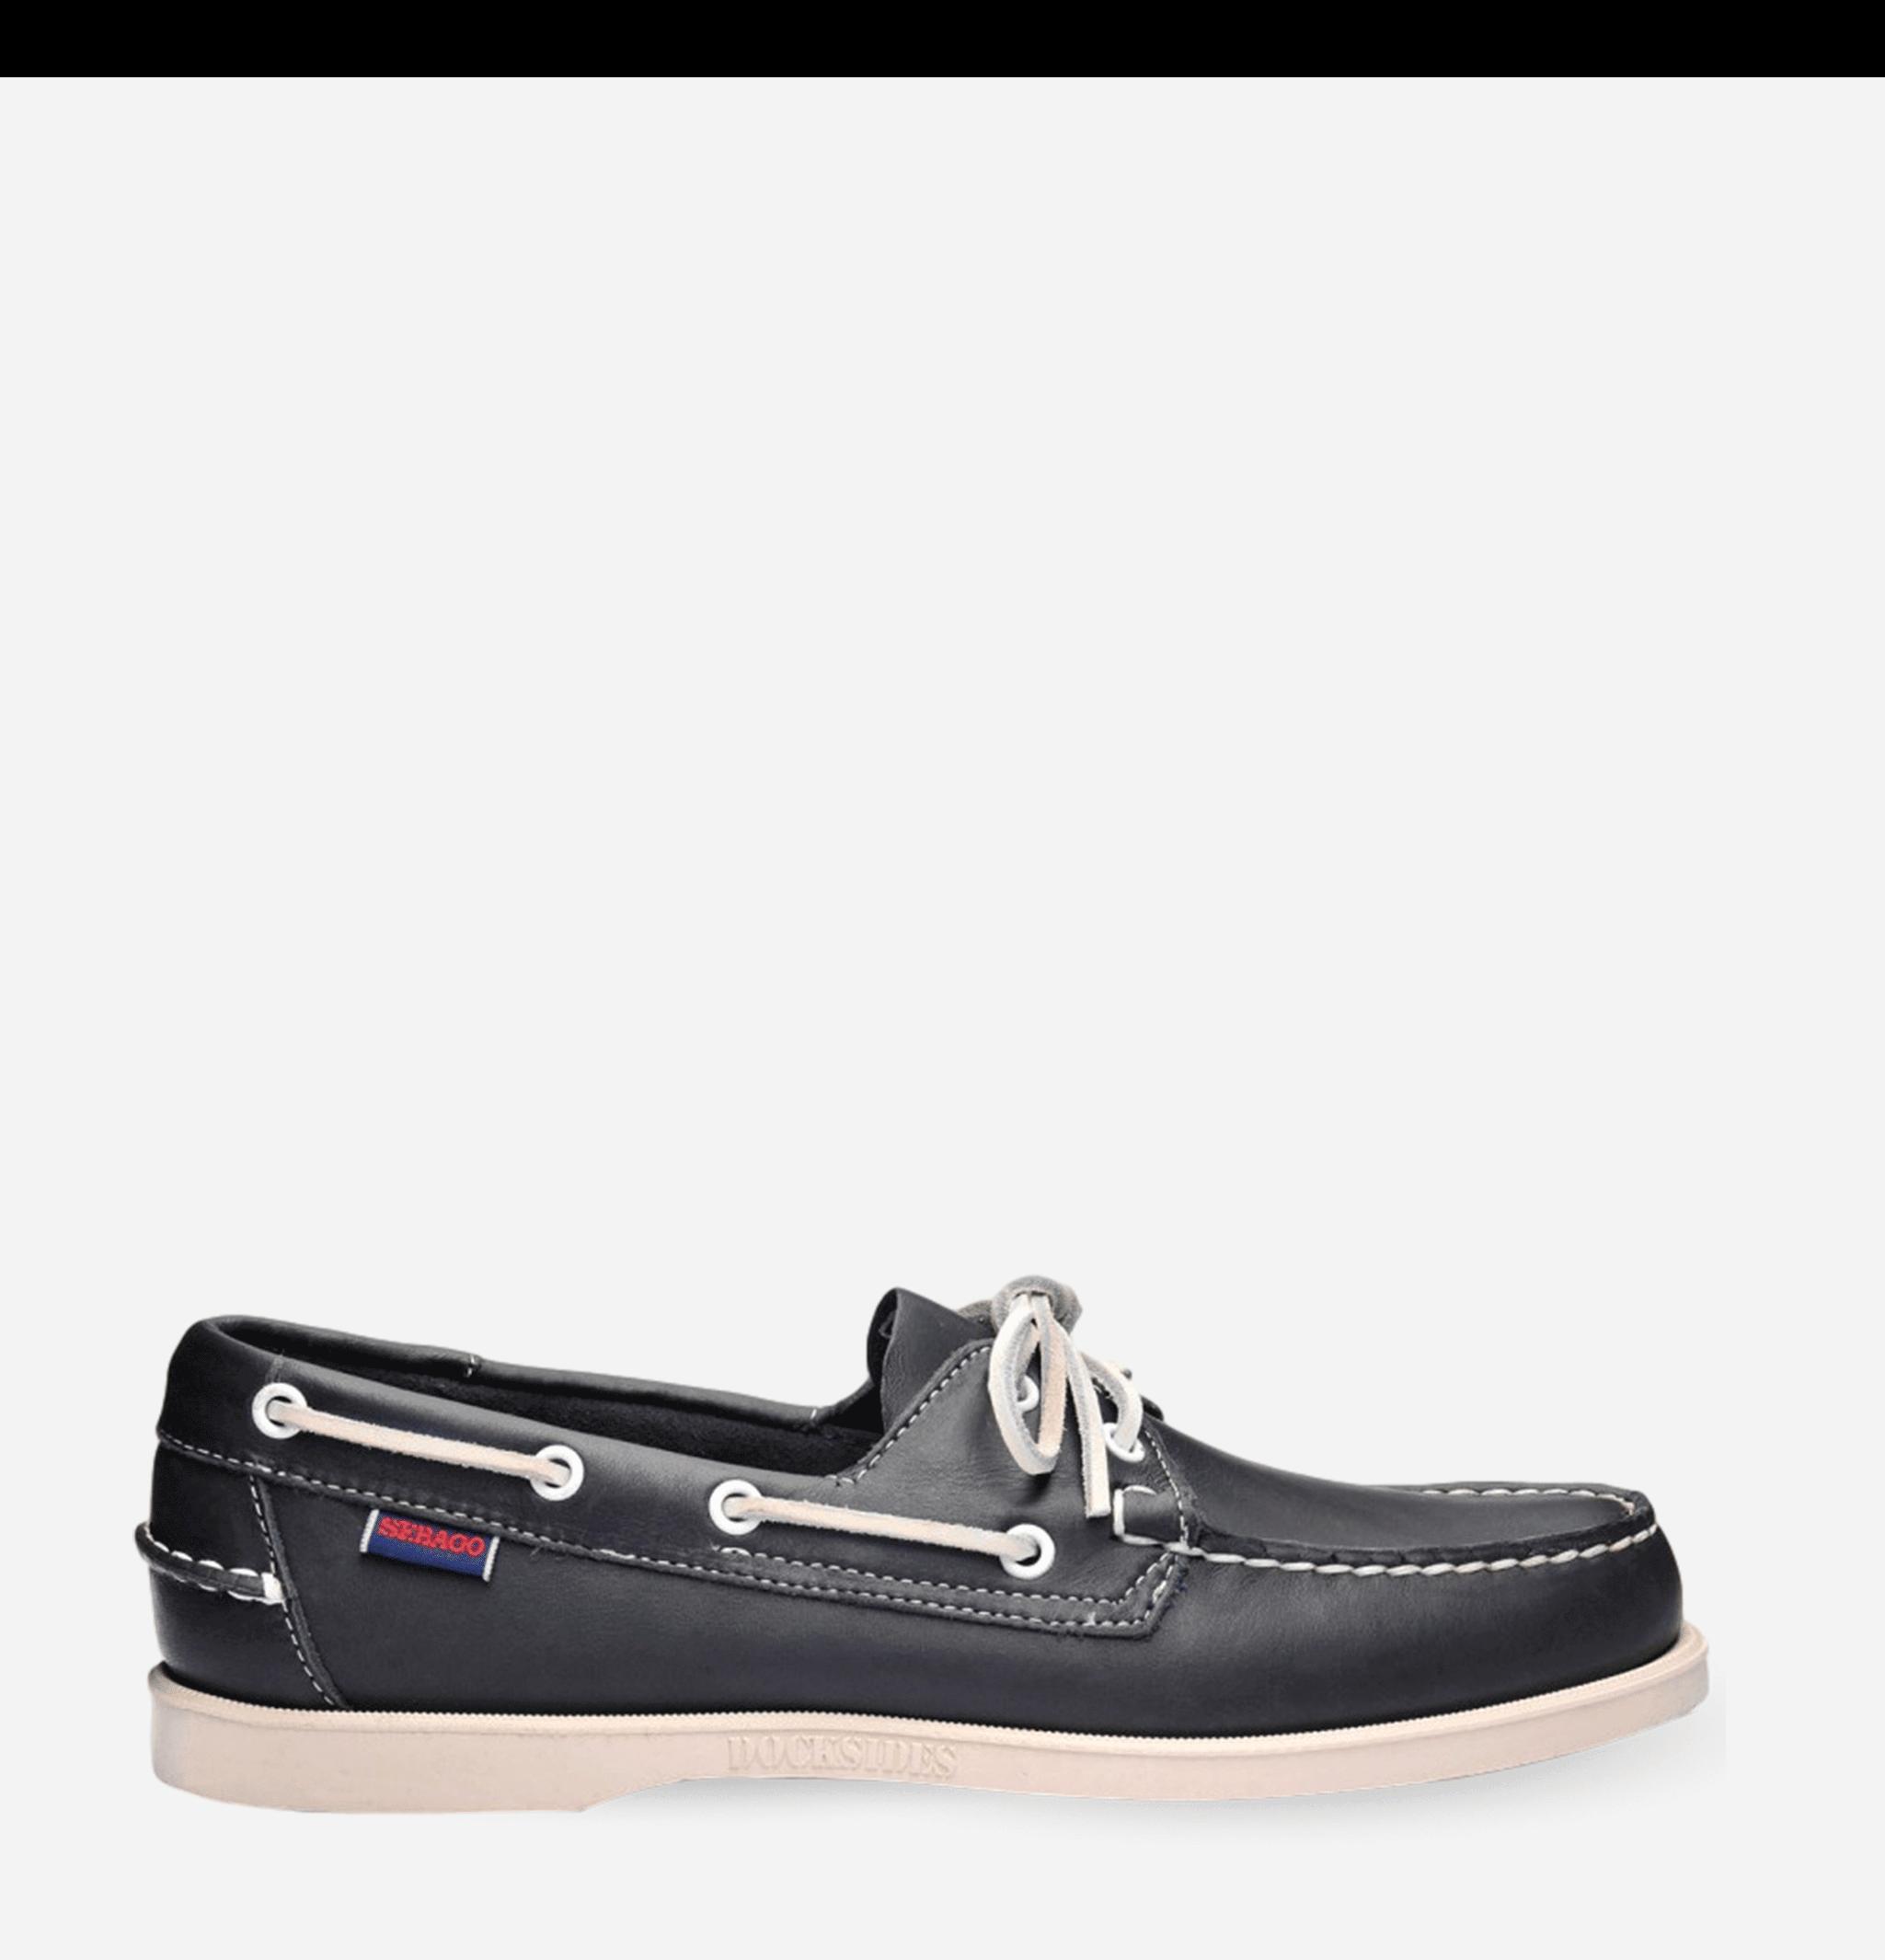 Docksides Shoes Blue Nite